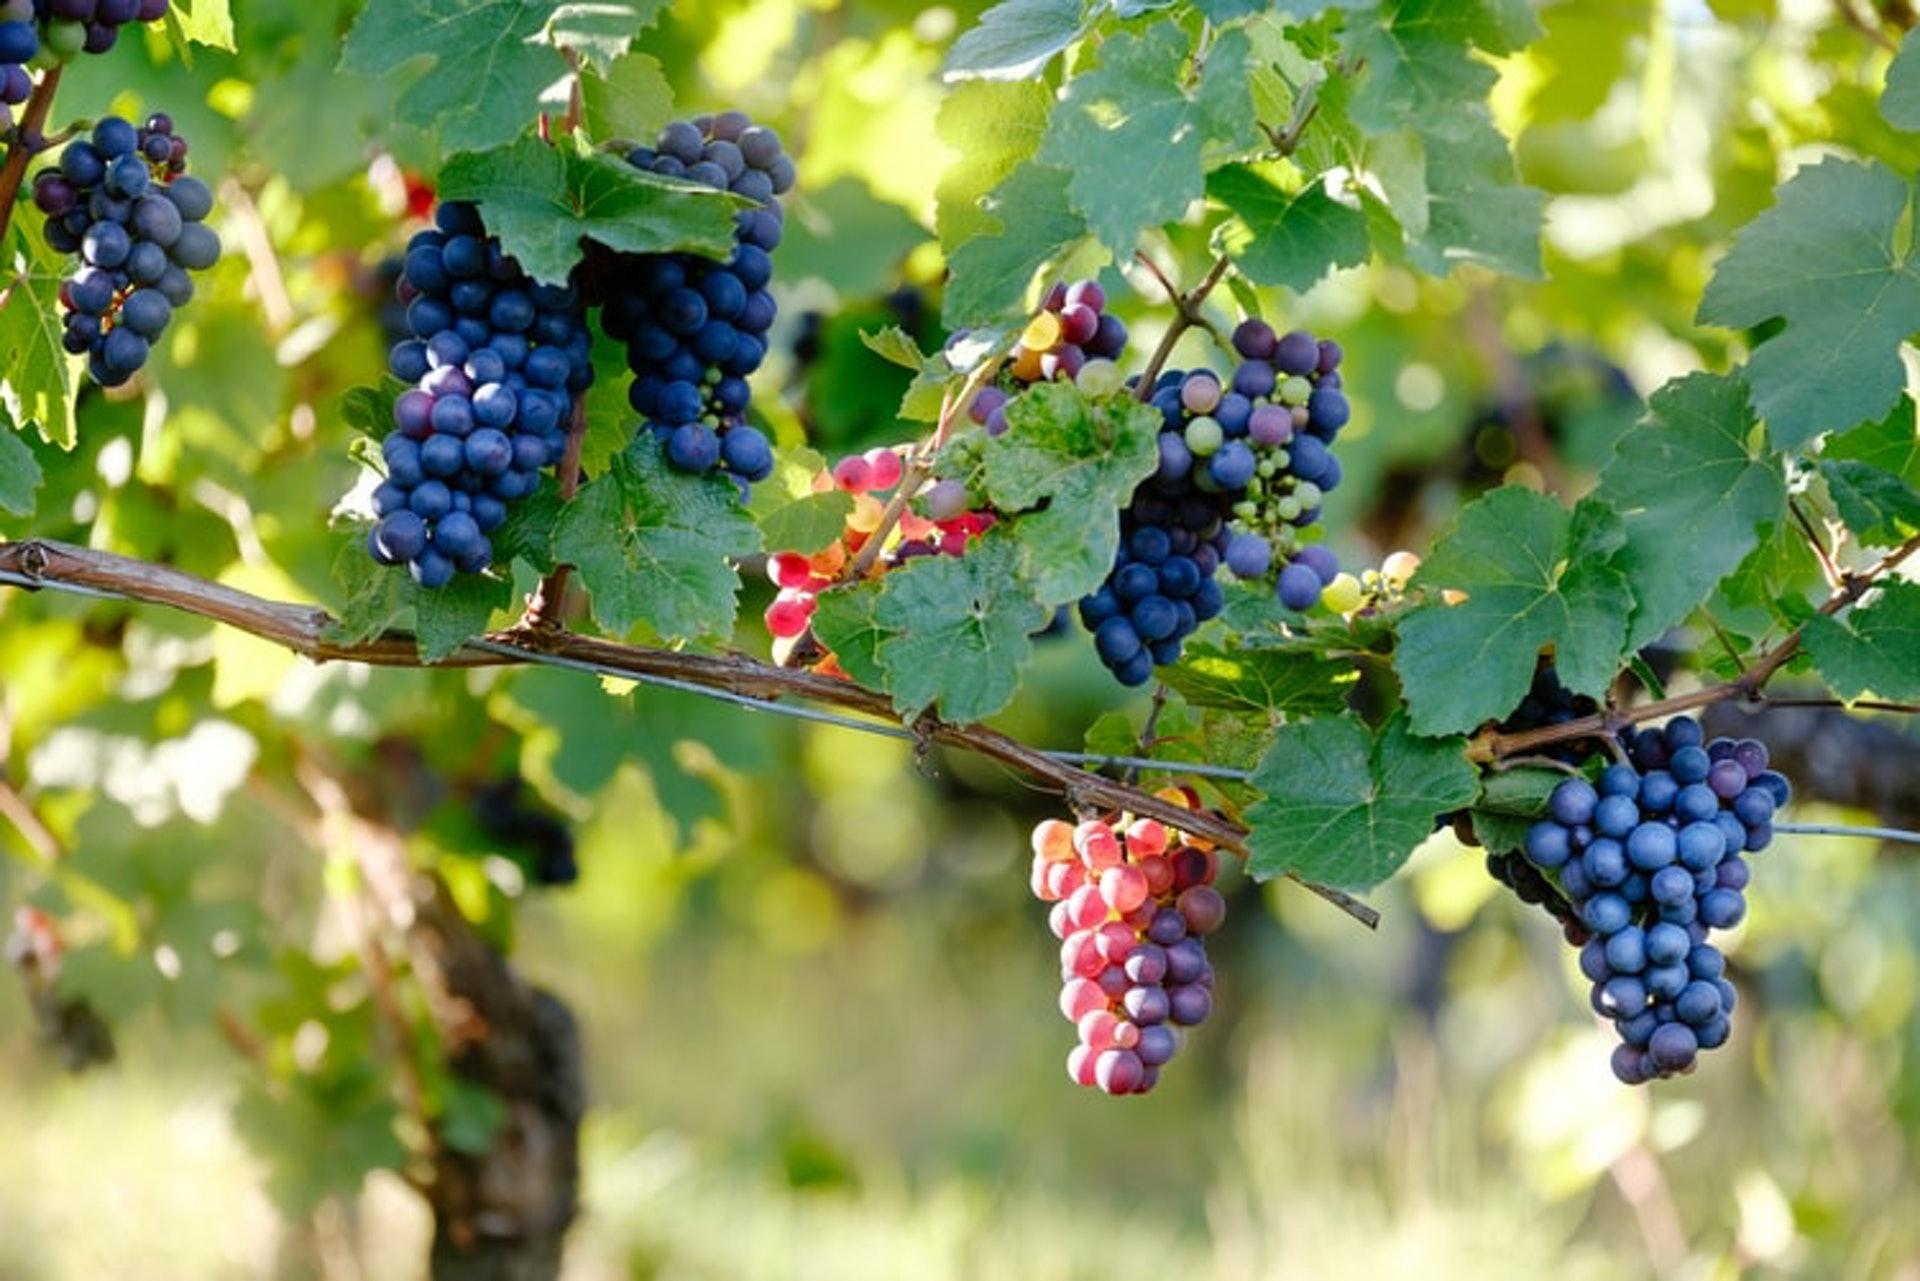 葡萄去梗後立即榨汁,稱為「自流汁」。( Samuel Zeller / unsplash )